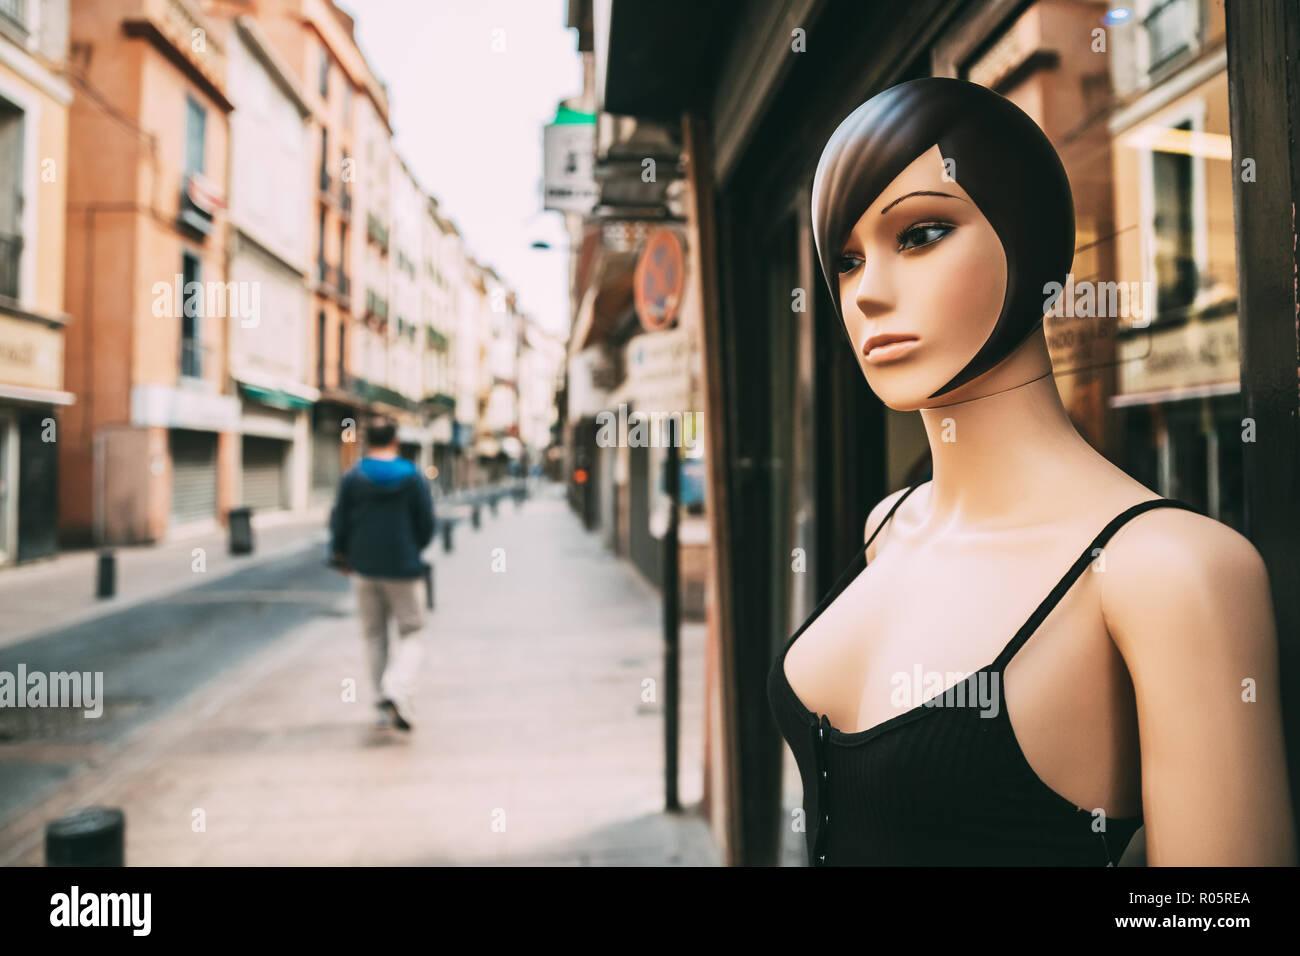 Female Mannequin vêtu de vêtements casual femme debout près de boutique sur la rue ville européenne. Photo Stock